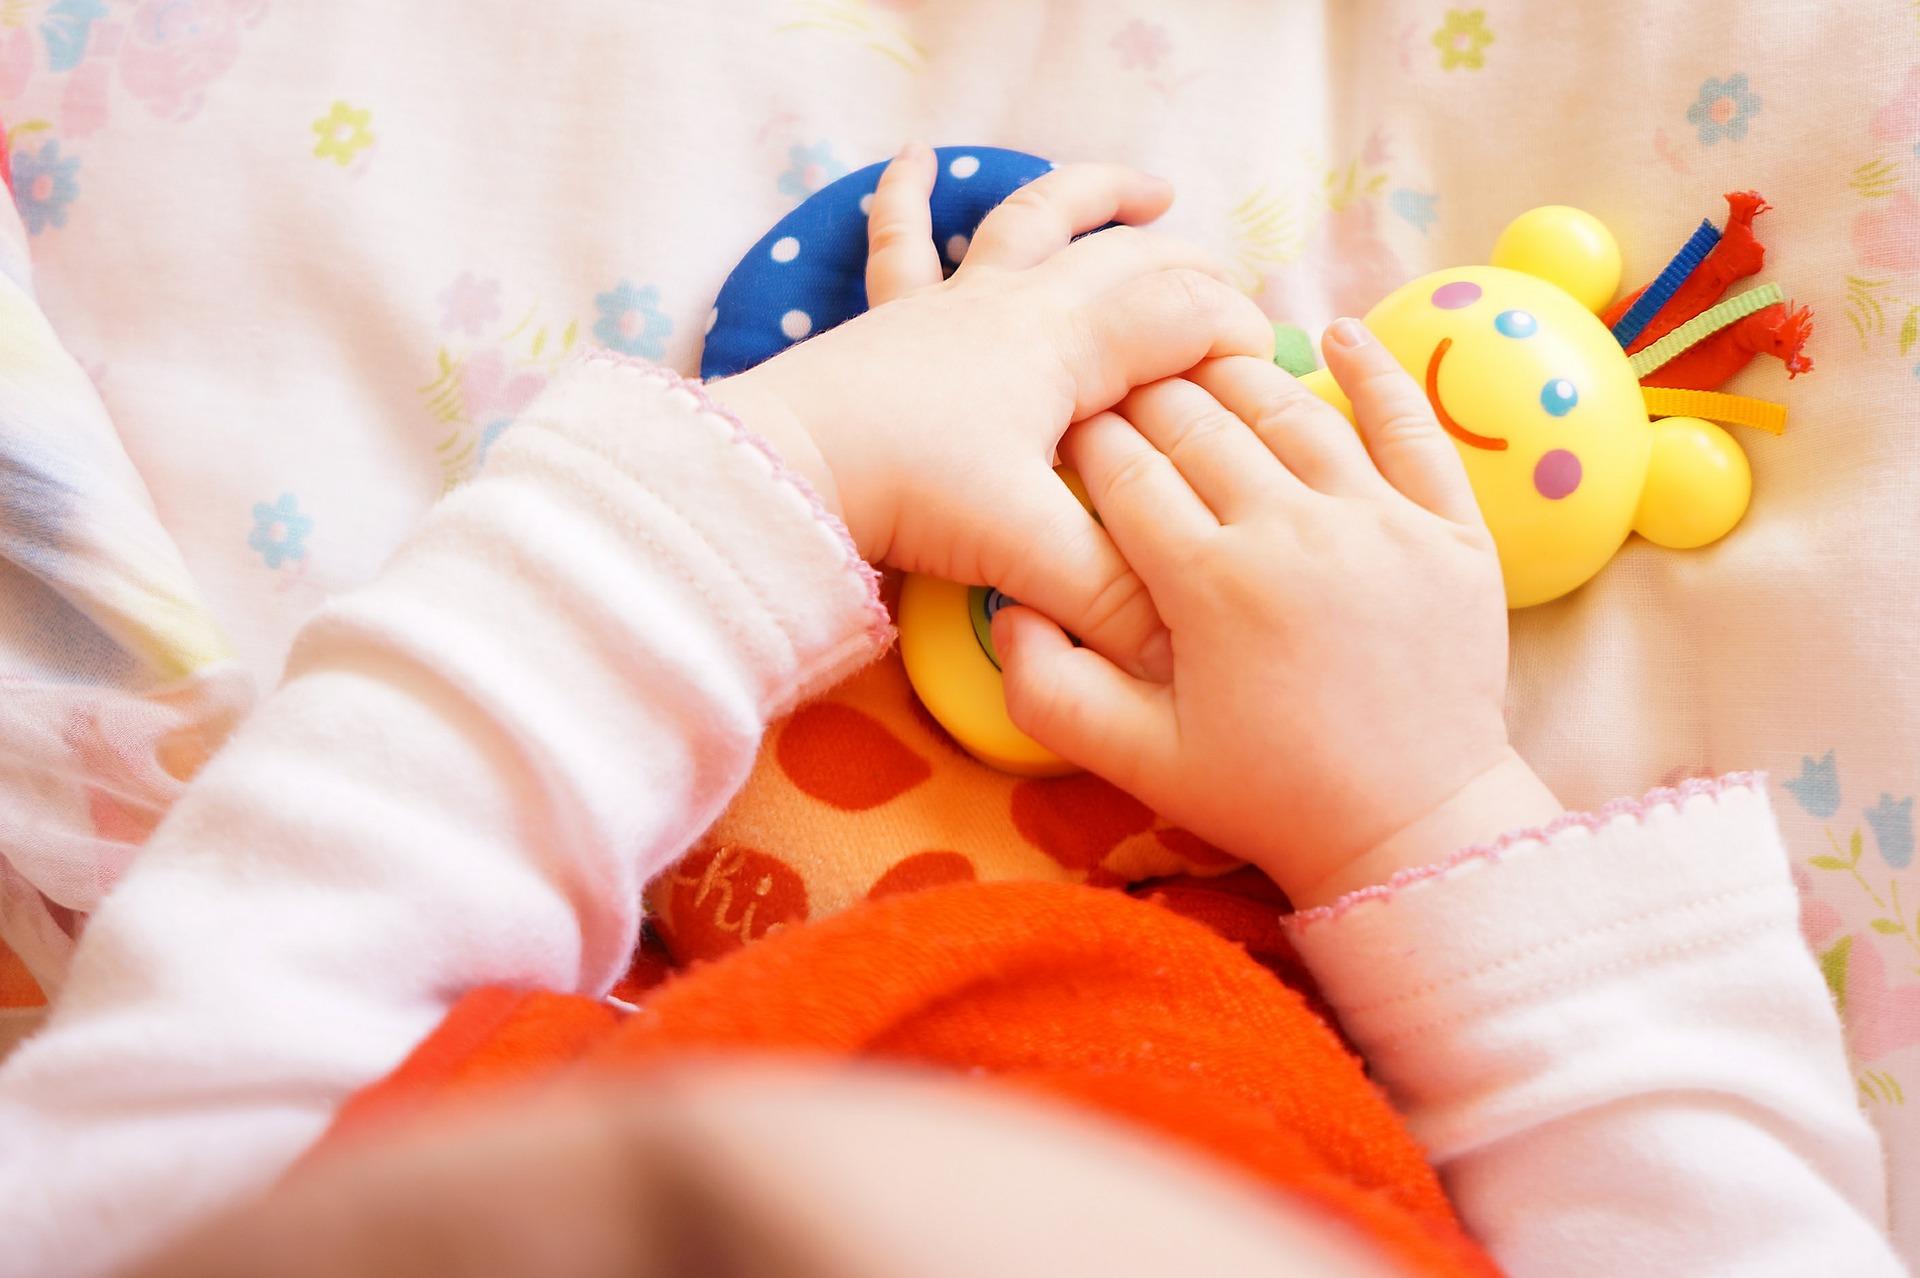 dziecięce rączki z zabawkami